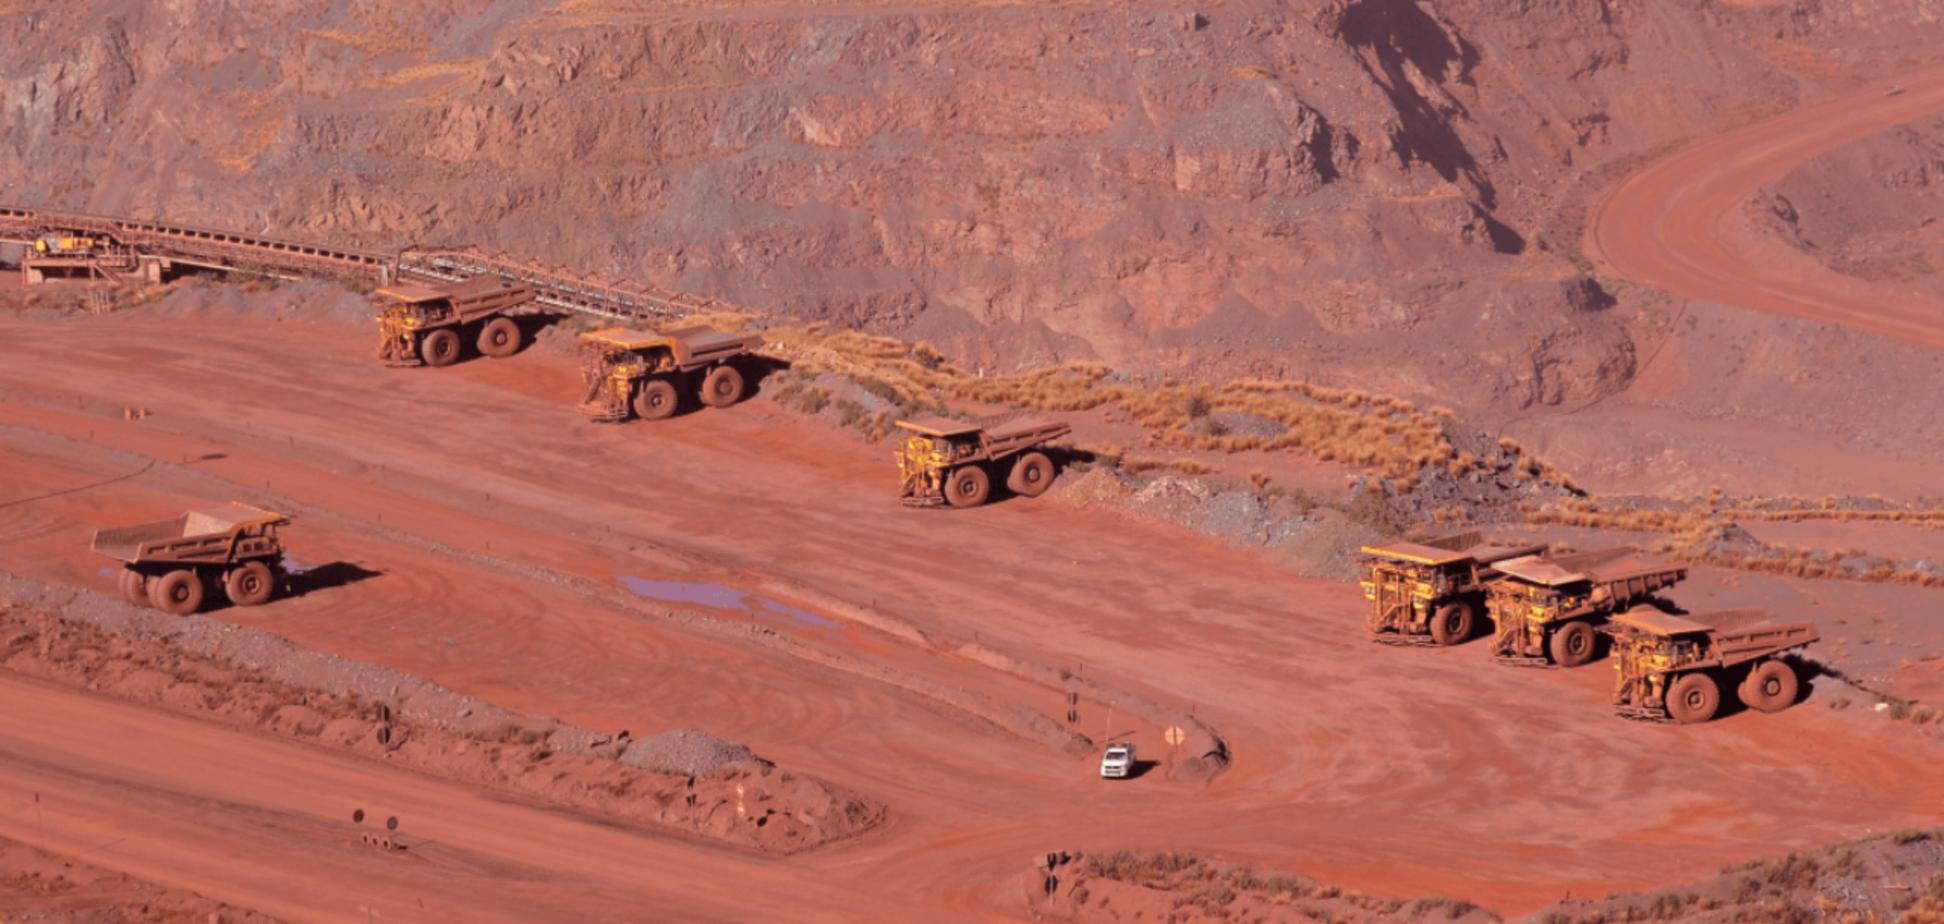 Ціни на залізну руду в Китаї впали на 16,5% за тиждень: у чому причина